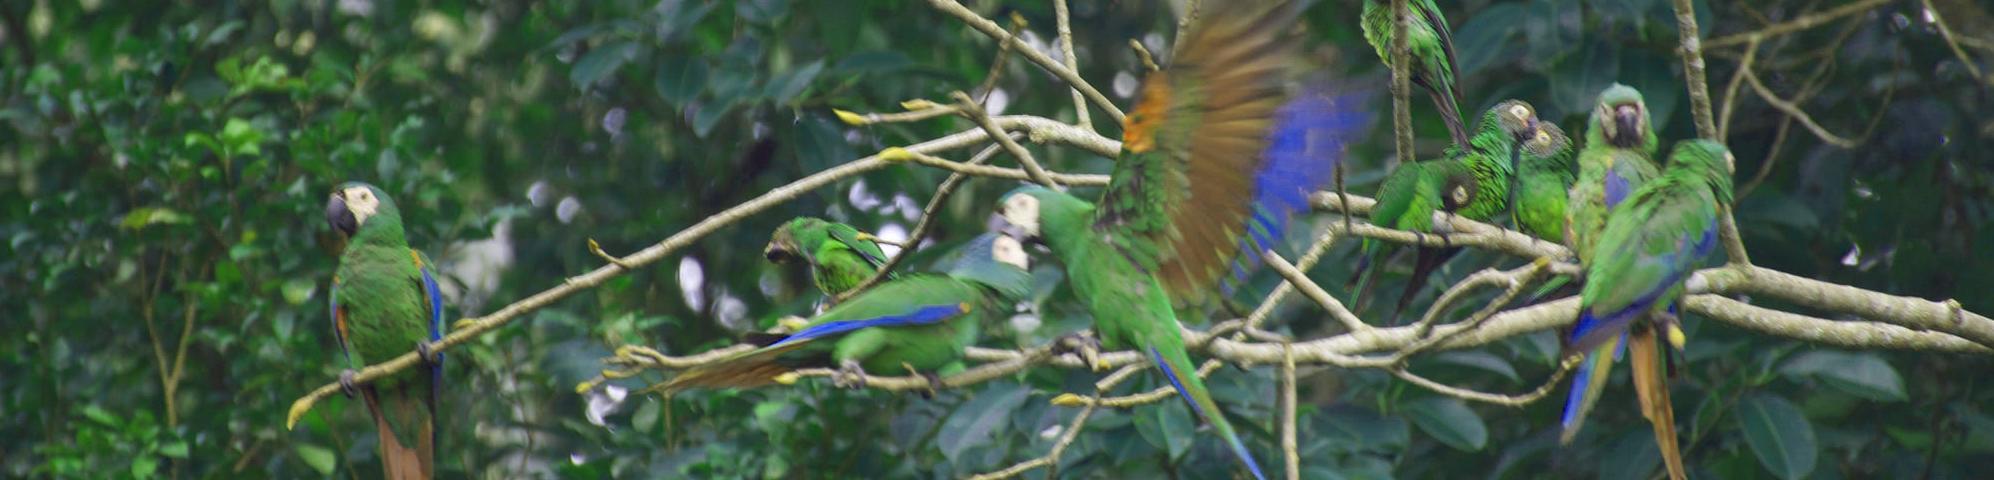 Birds of the Amazon